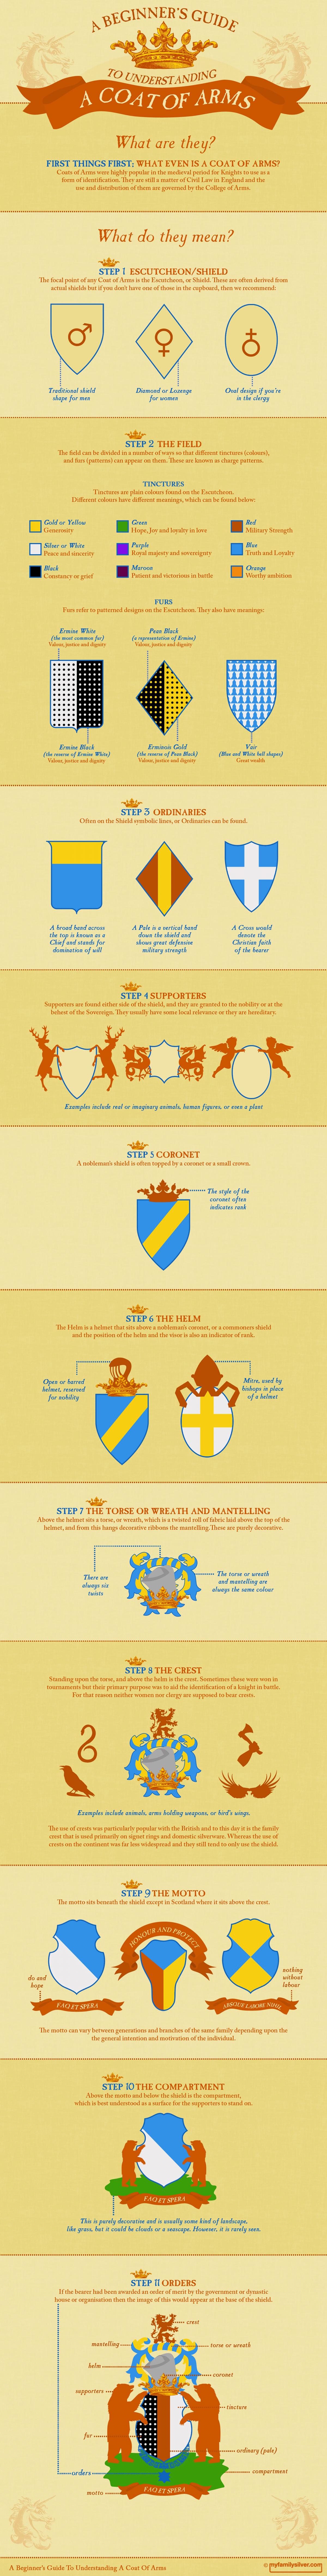 Come leggere uno stemma araldico in infografica